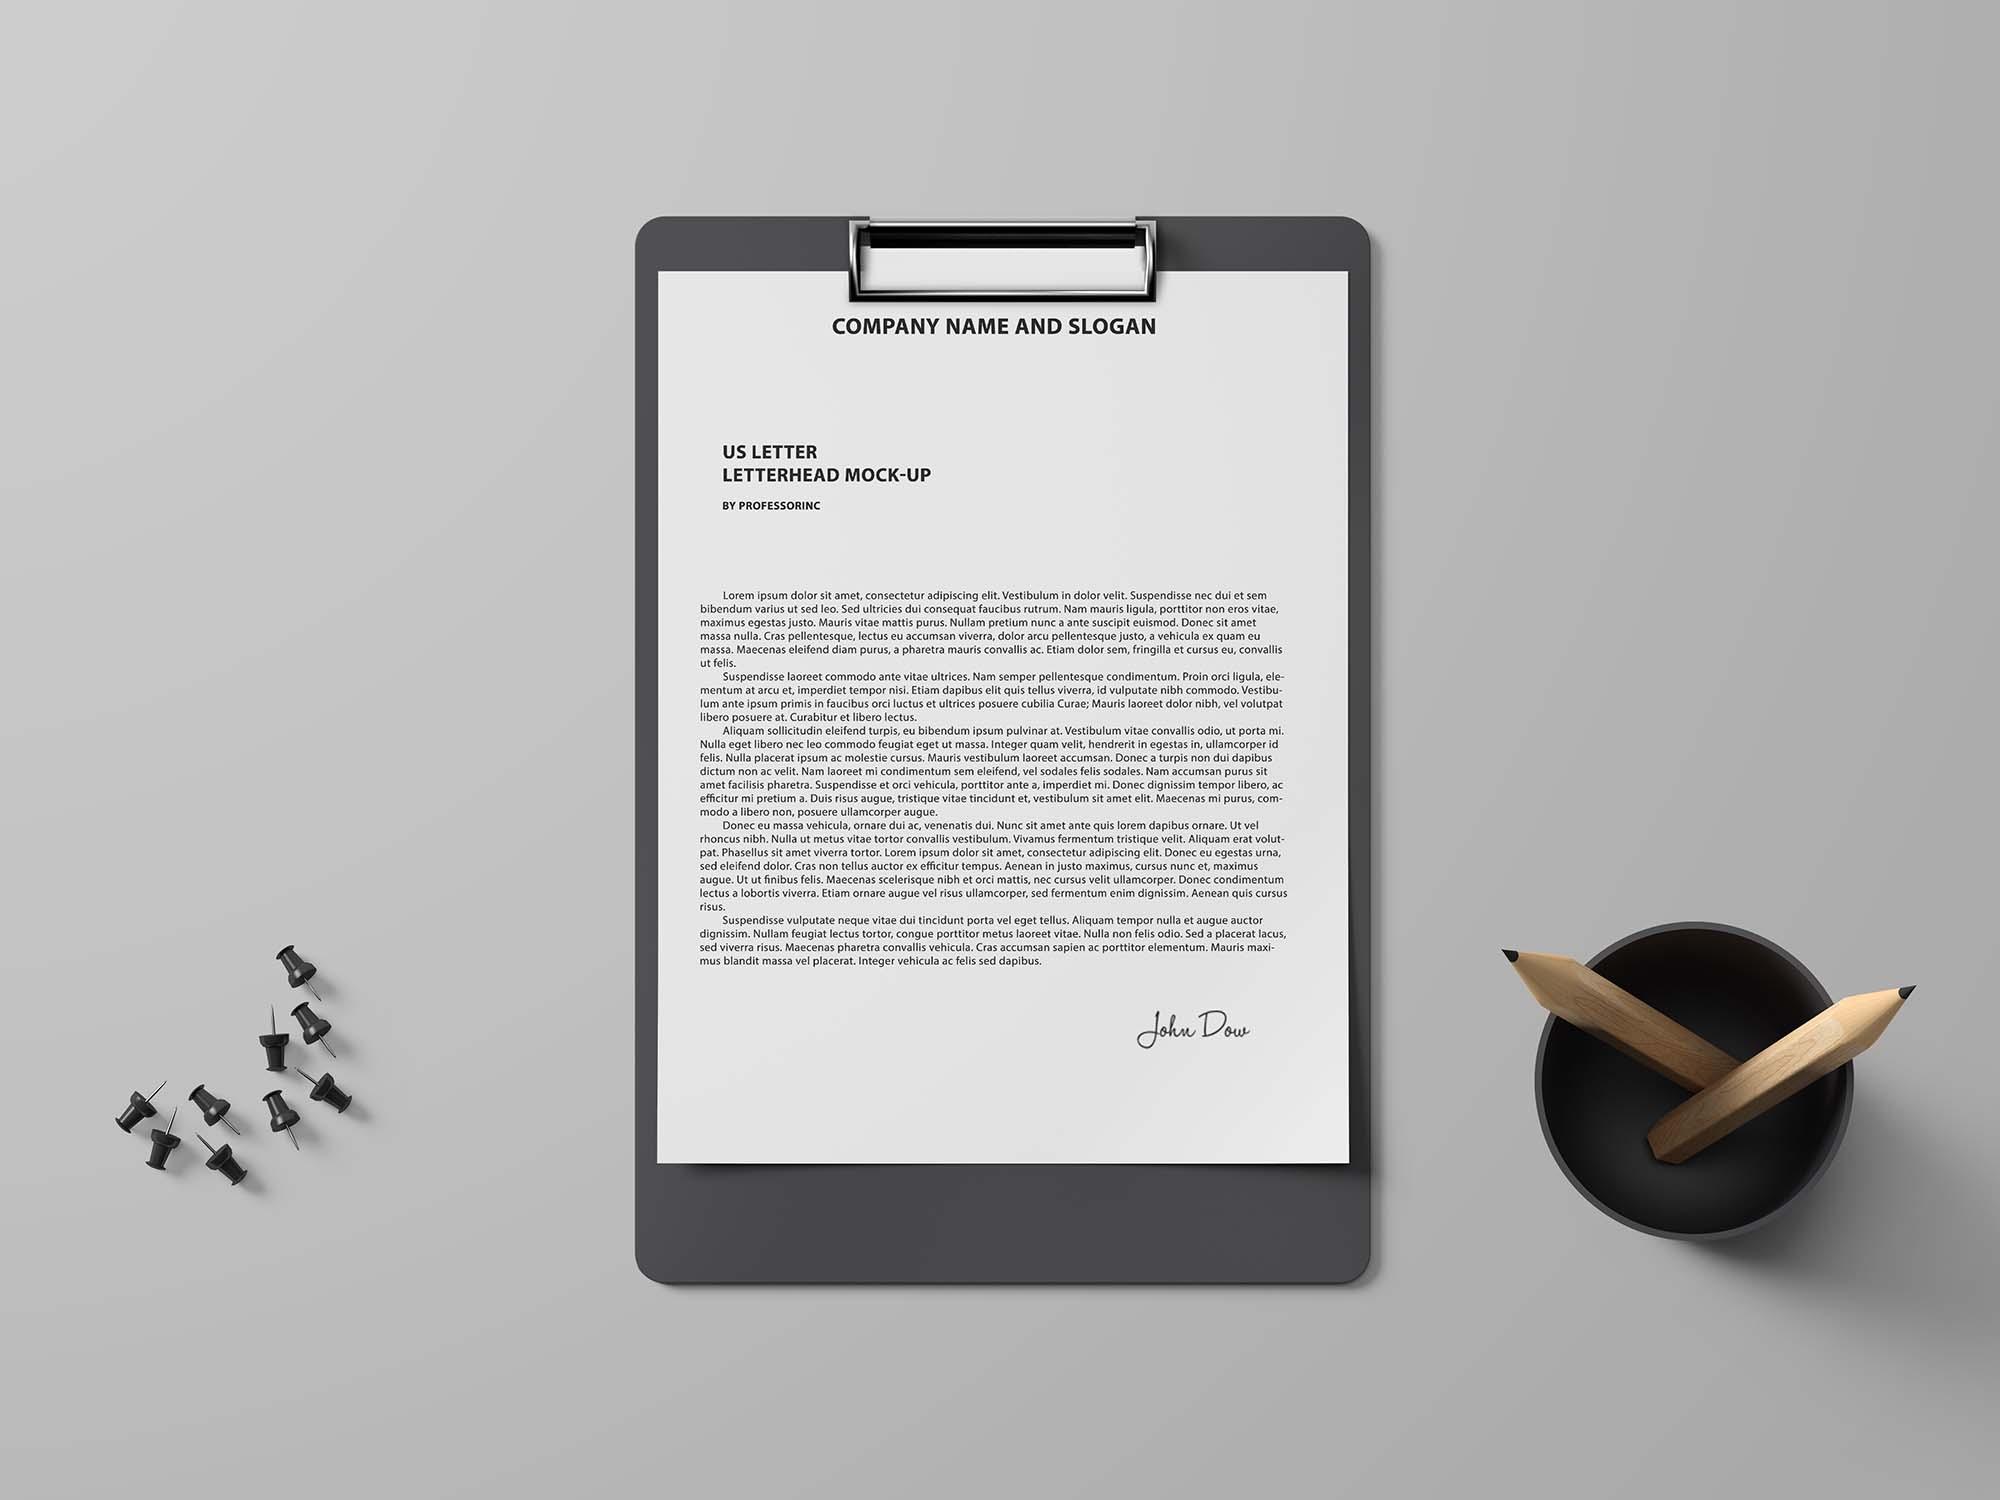 US Letter Paper and Folder Mockup